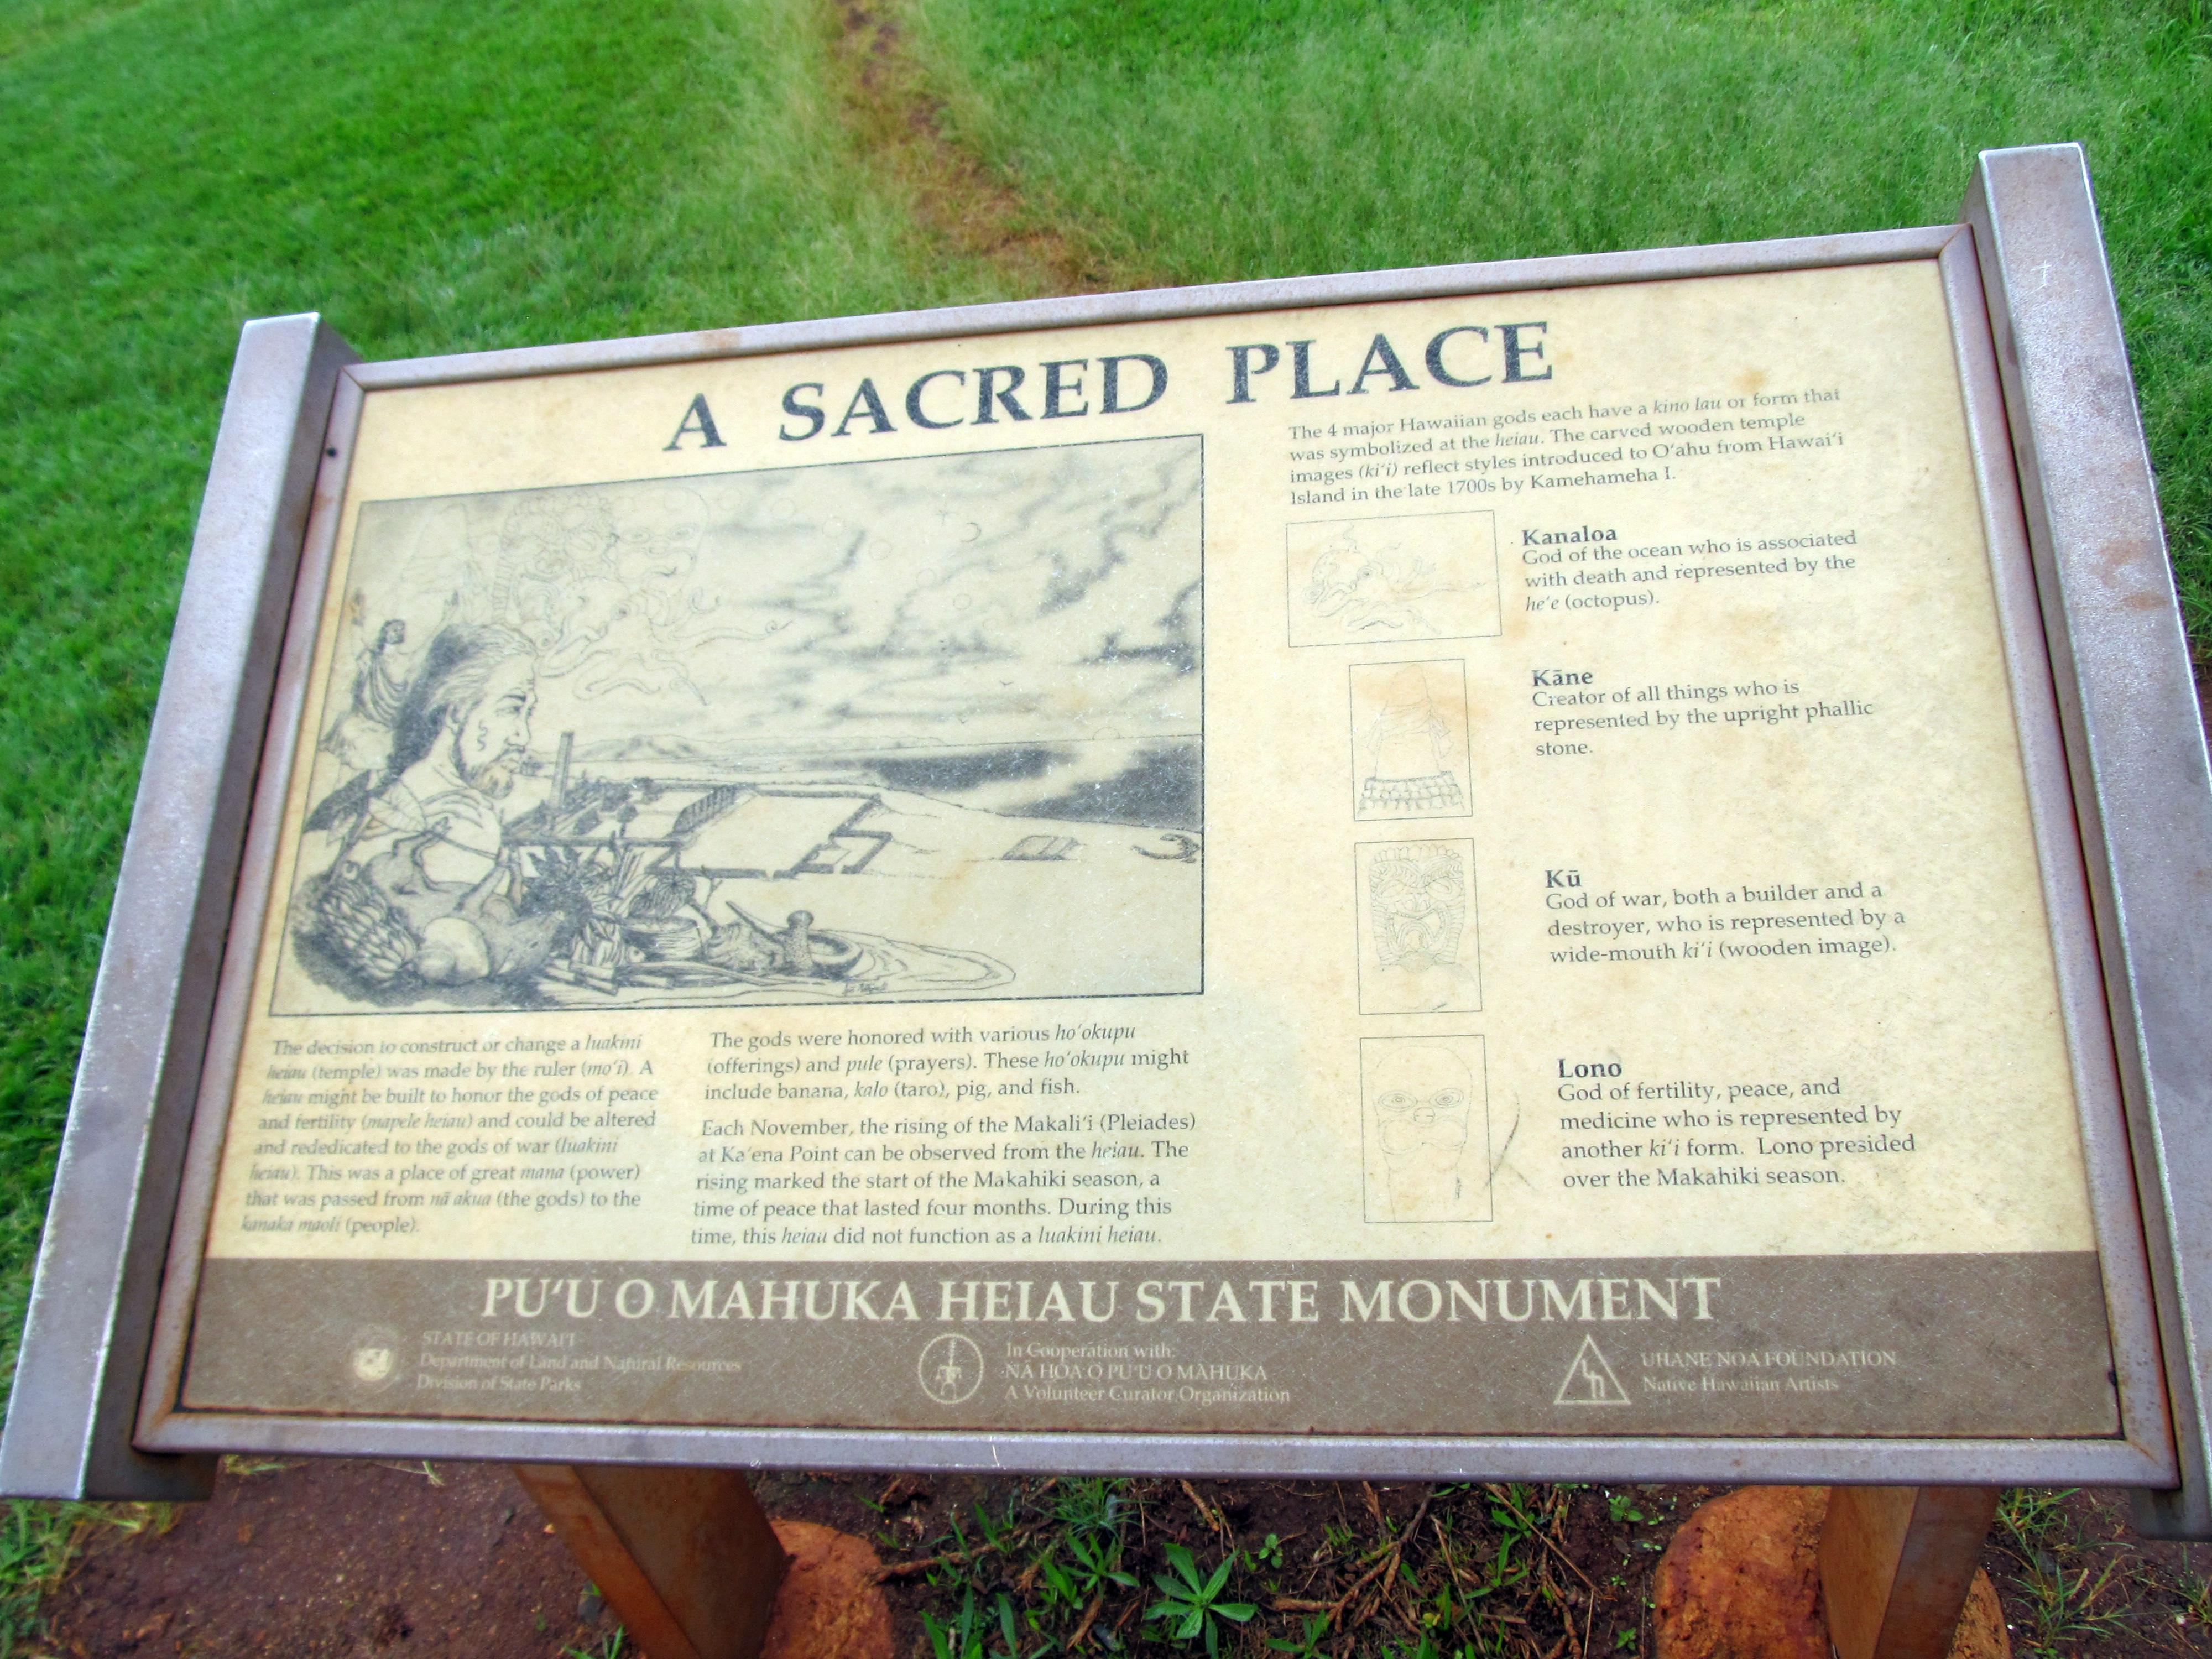 File:A Sacred Place, Sign at Puʻu o Mahuka Heiau State